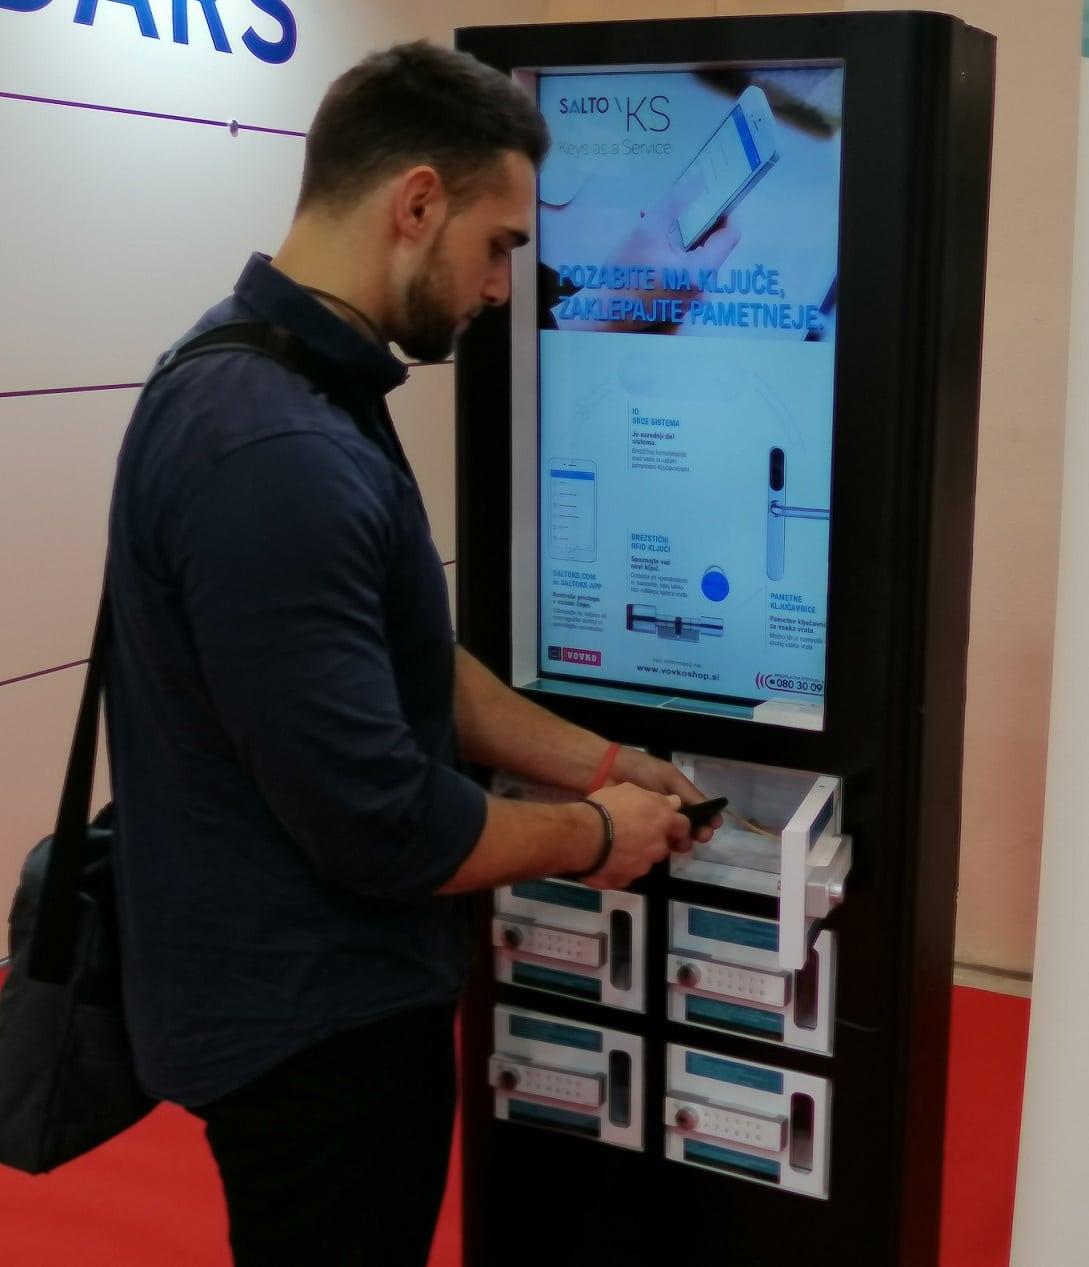 Polnilna omarica za telefone na javni lokaciji